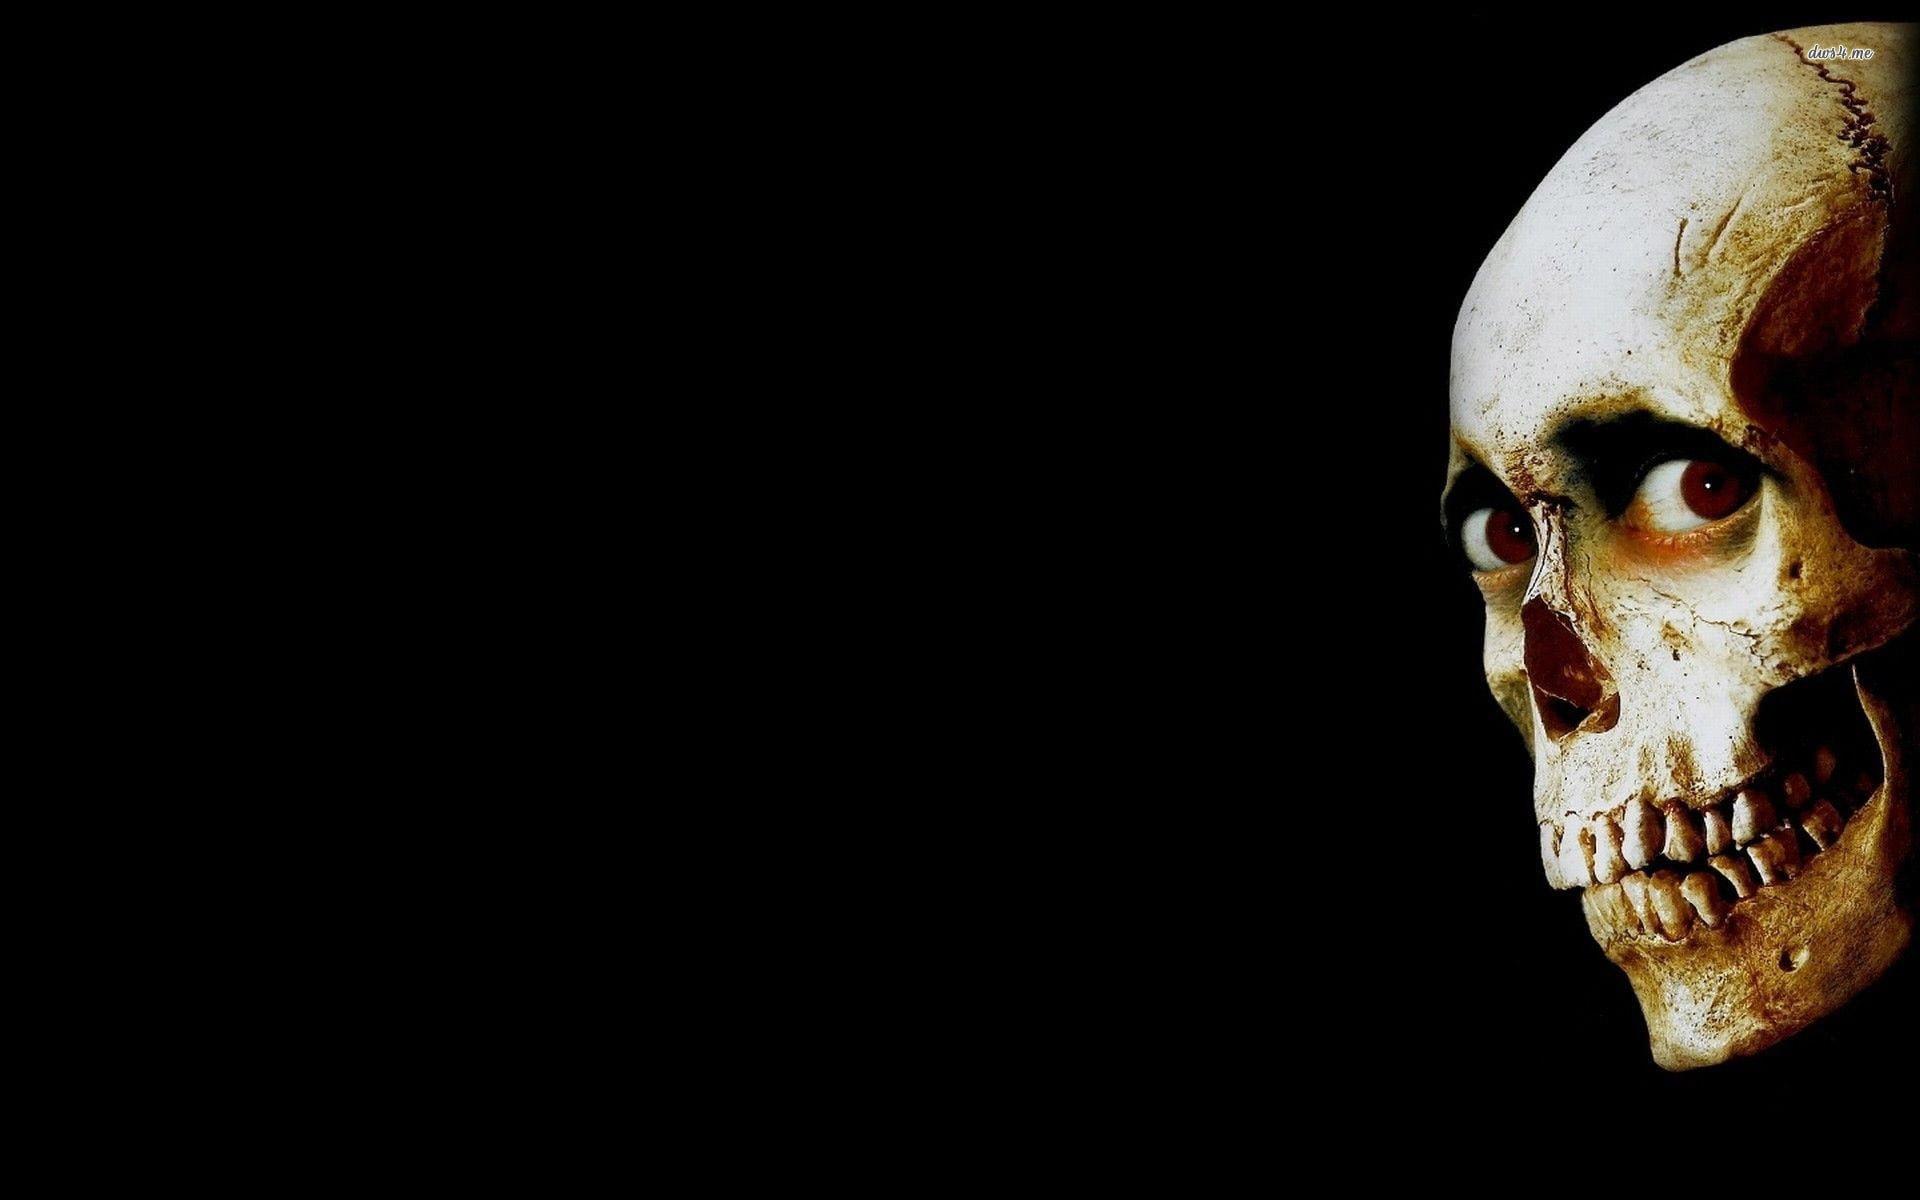 Skull wallpaper Evil Dead movies HD wallpaper Wallpaper Flare 1920x1200